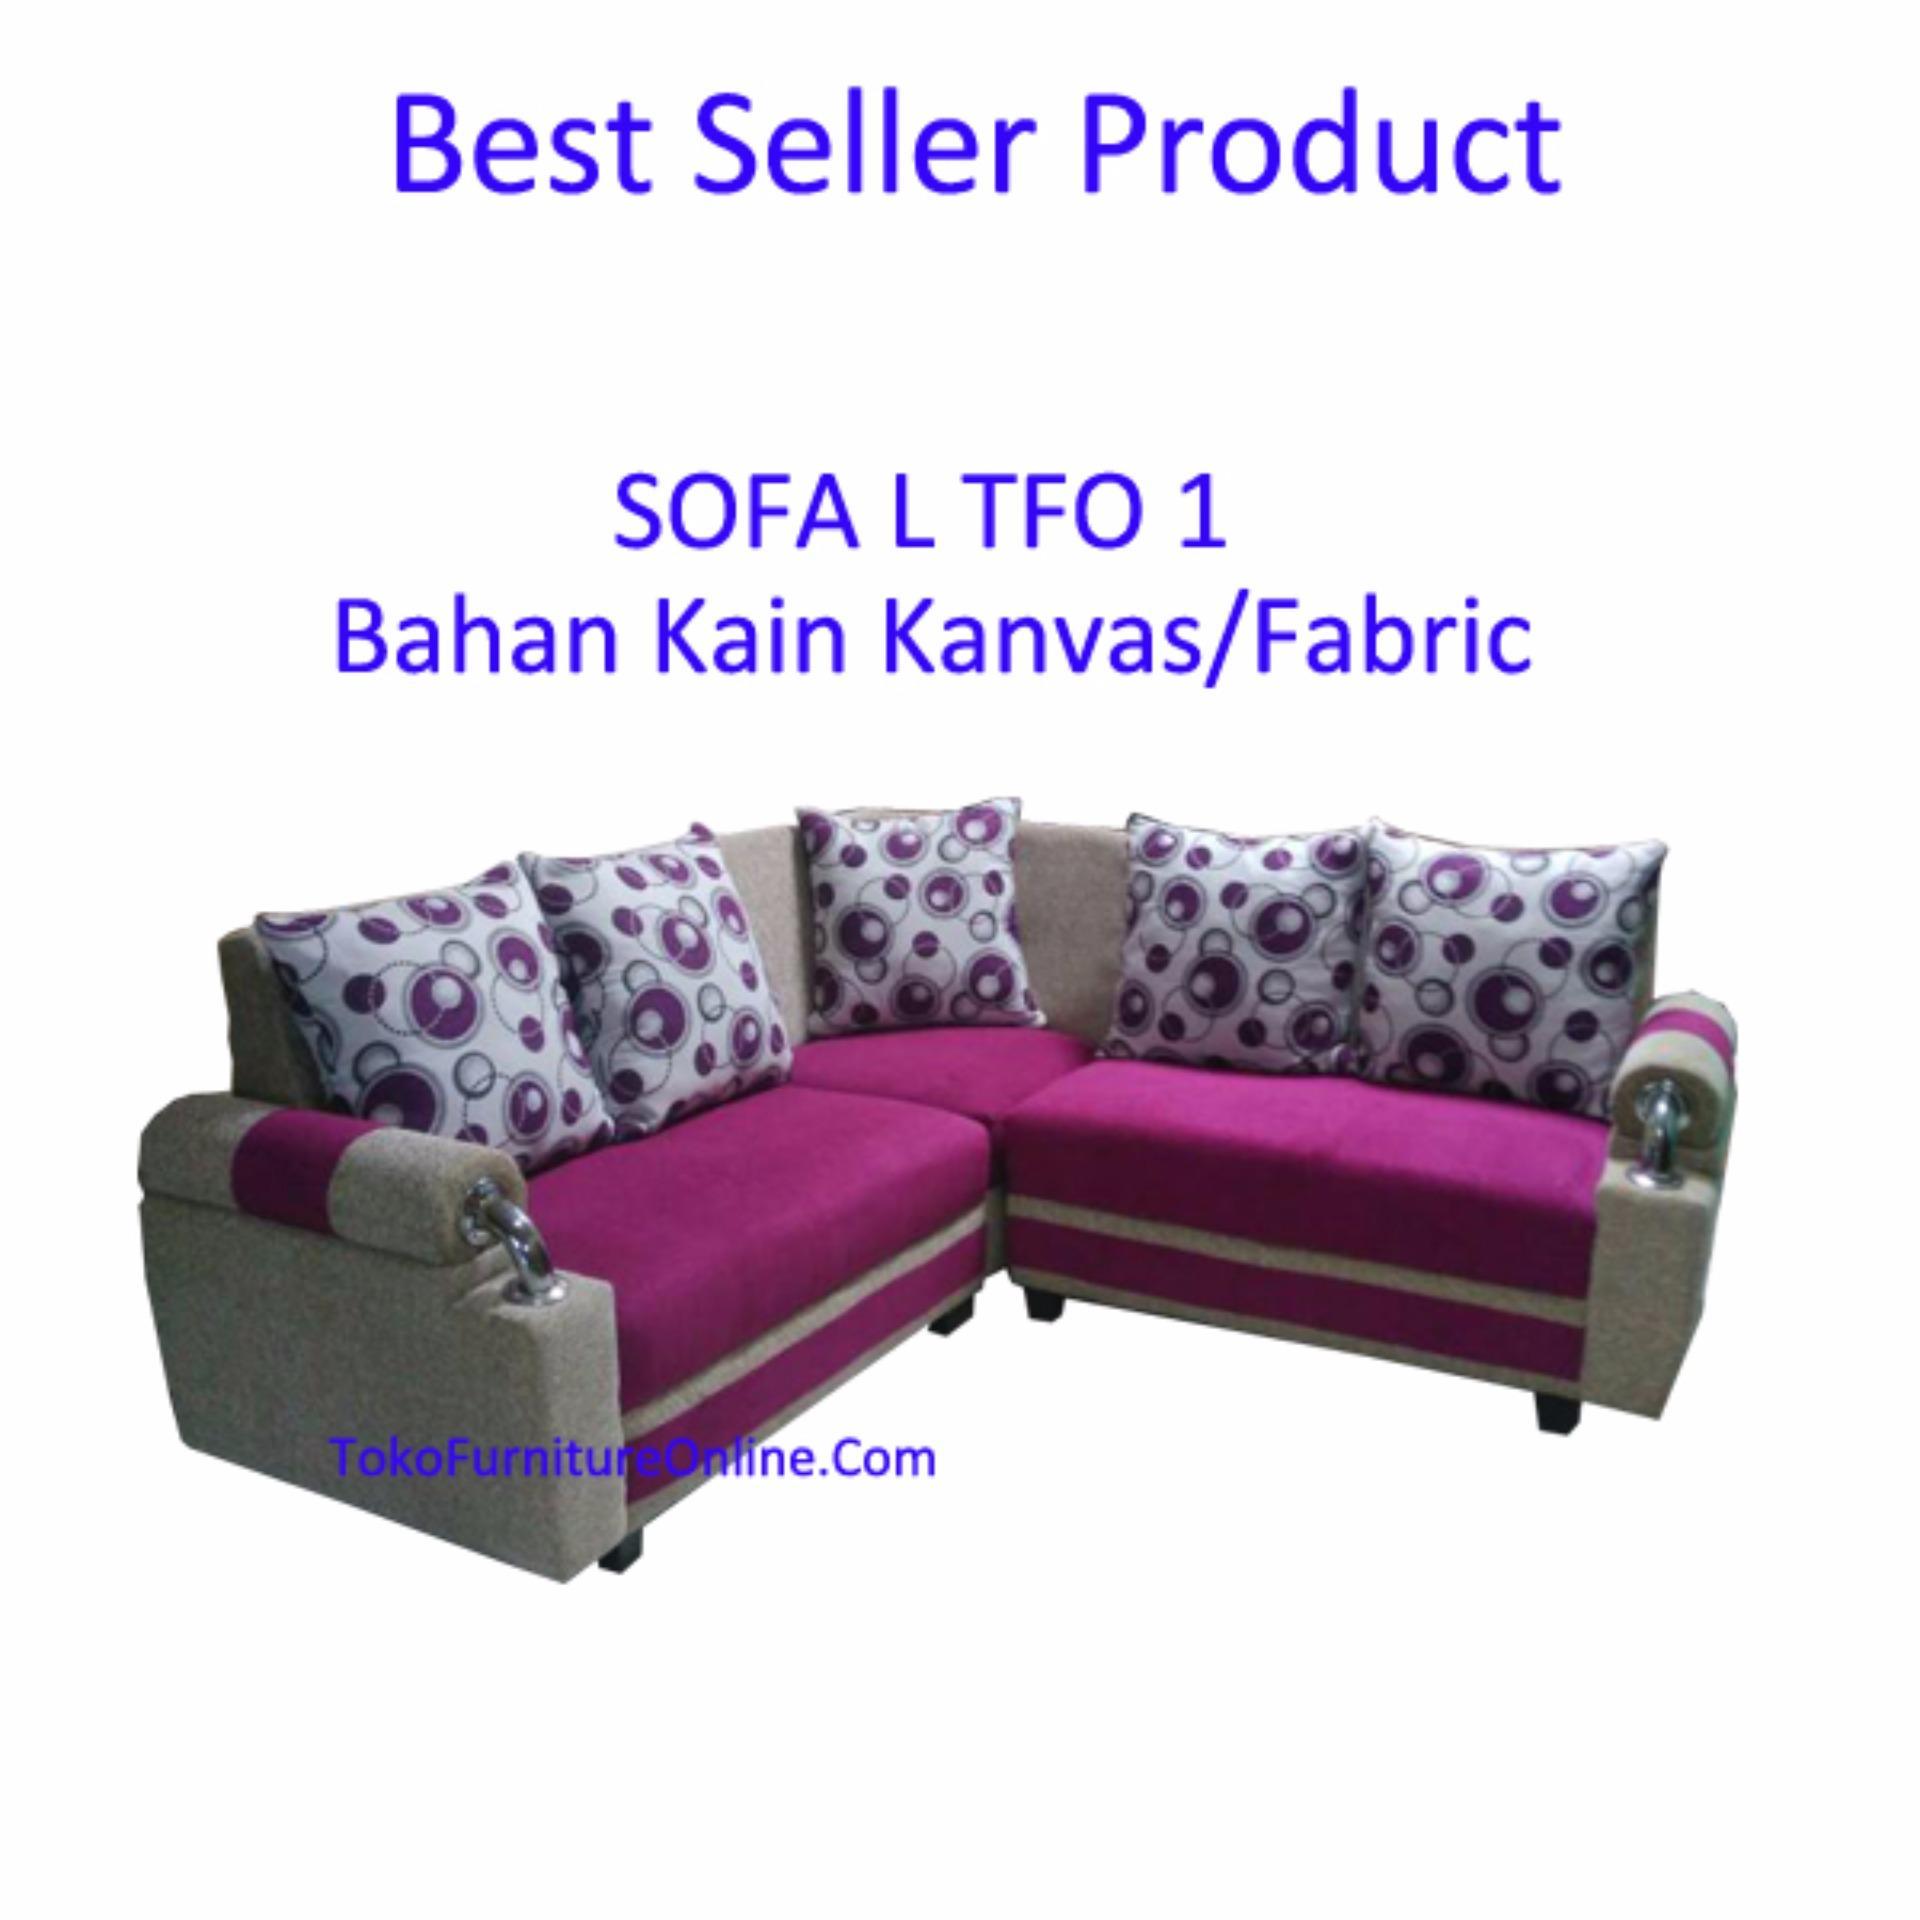 Best Jelly Sofabed Sofa Ranjang Coklat Khusus Jabodetabek Daftar Jysk Felicia 186x92x92cm Light Grey 110388000 Source